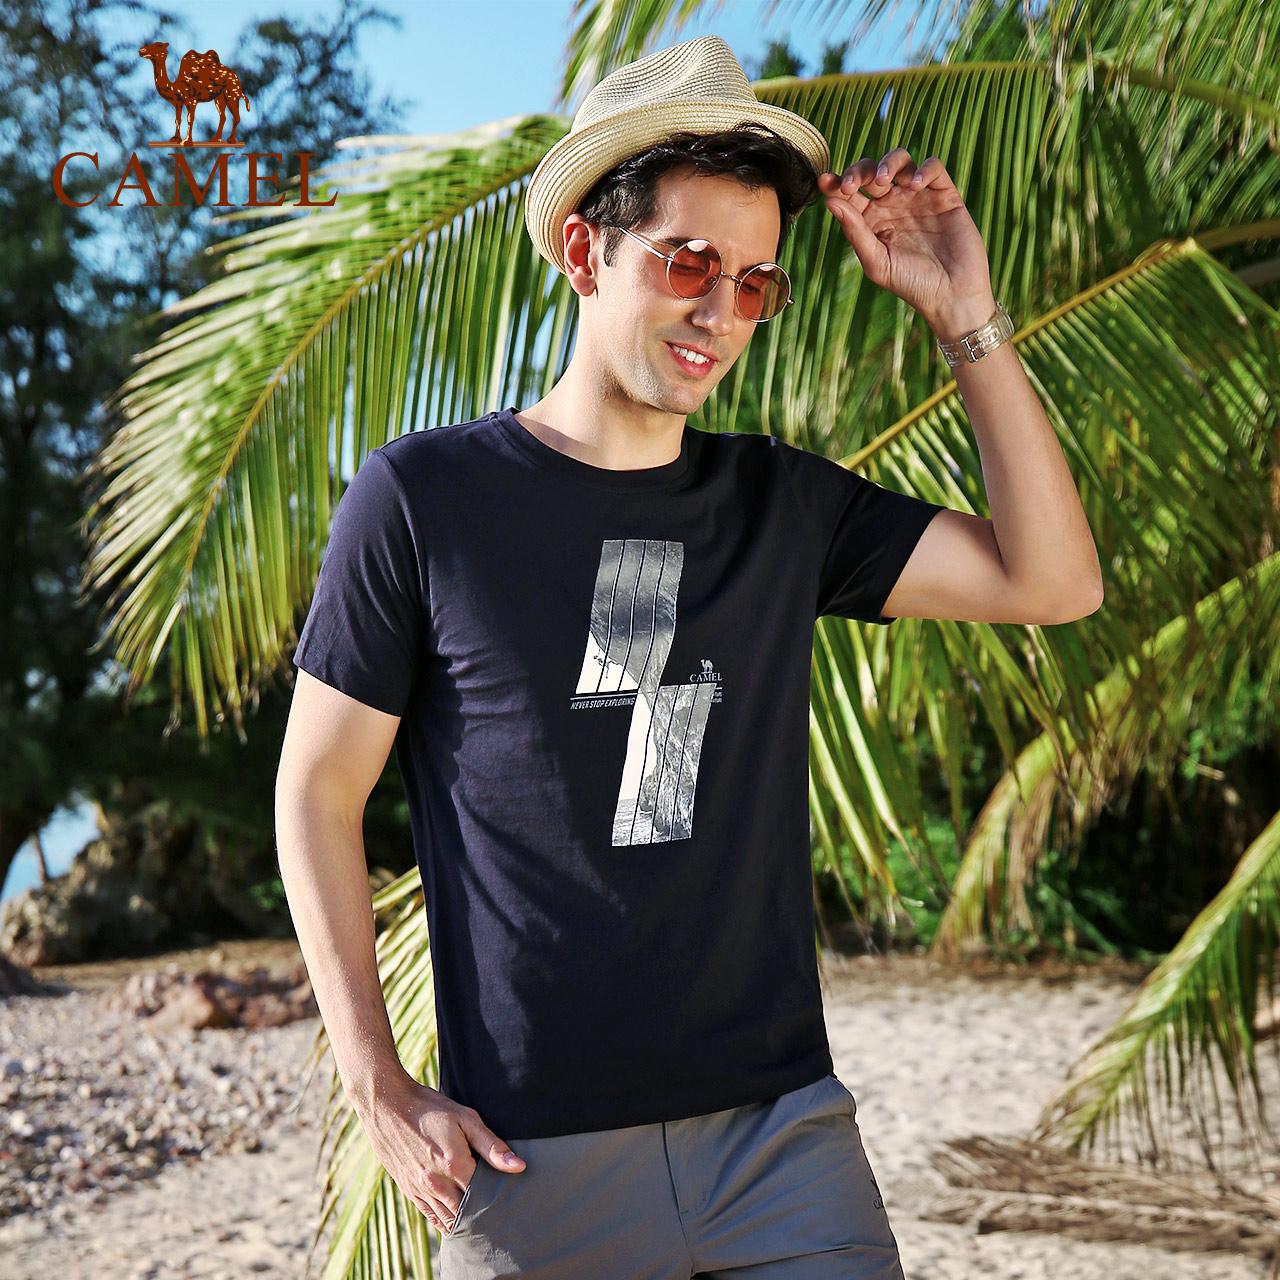 CAMEL骆驼户外休闲T恤男款 春夏圆领吸湿透气舒适短袖男休闲上衣